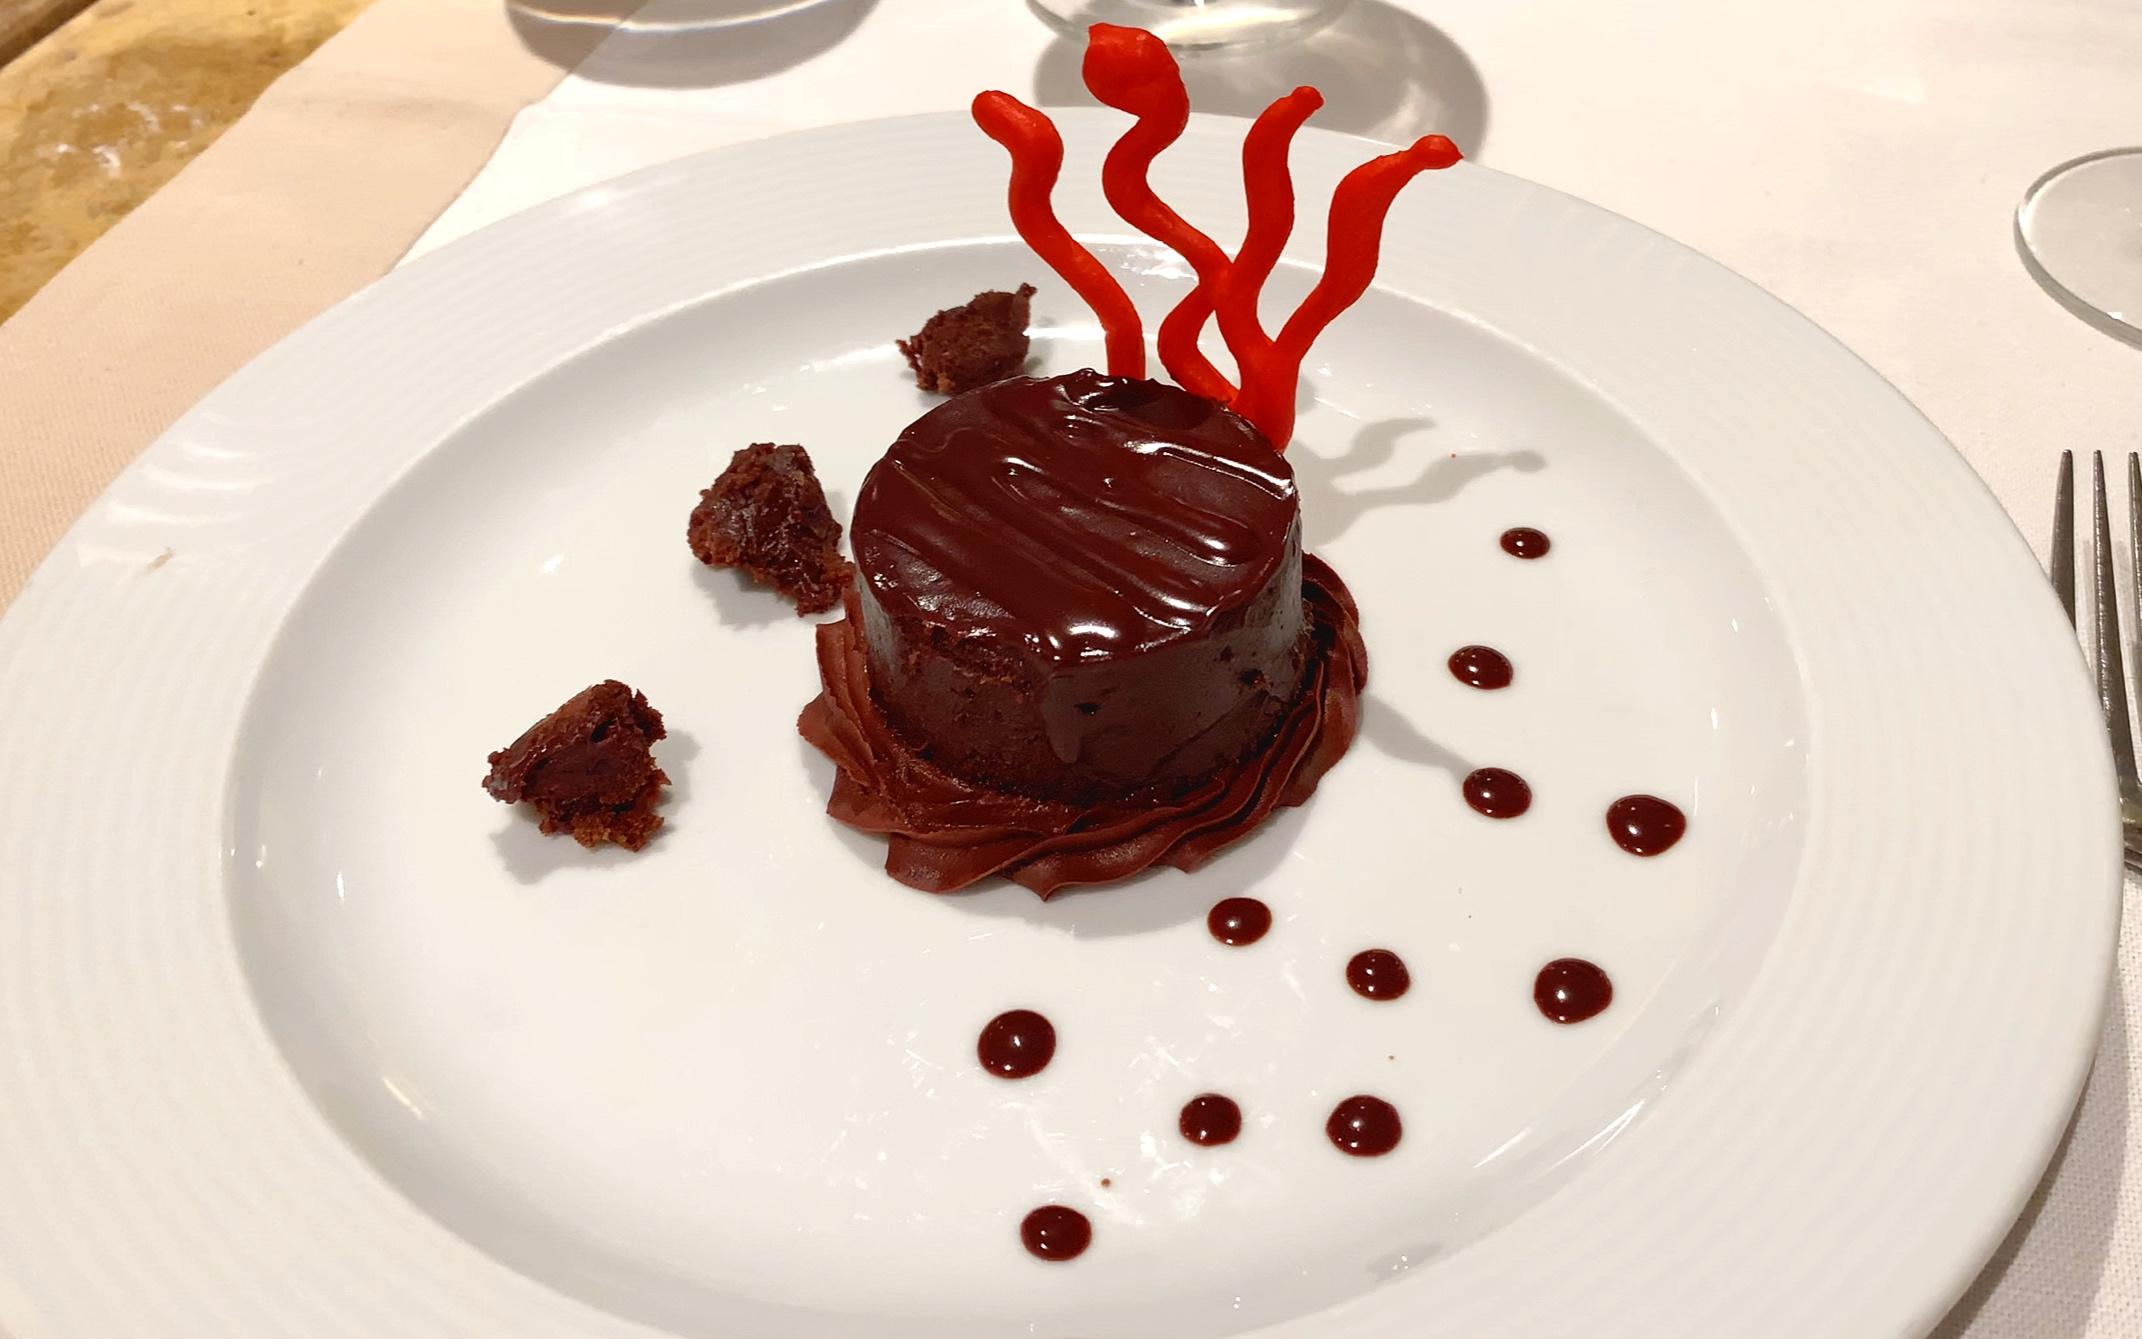 Delicious chocolate dessert.